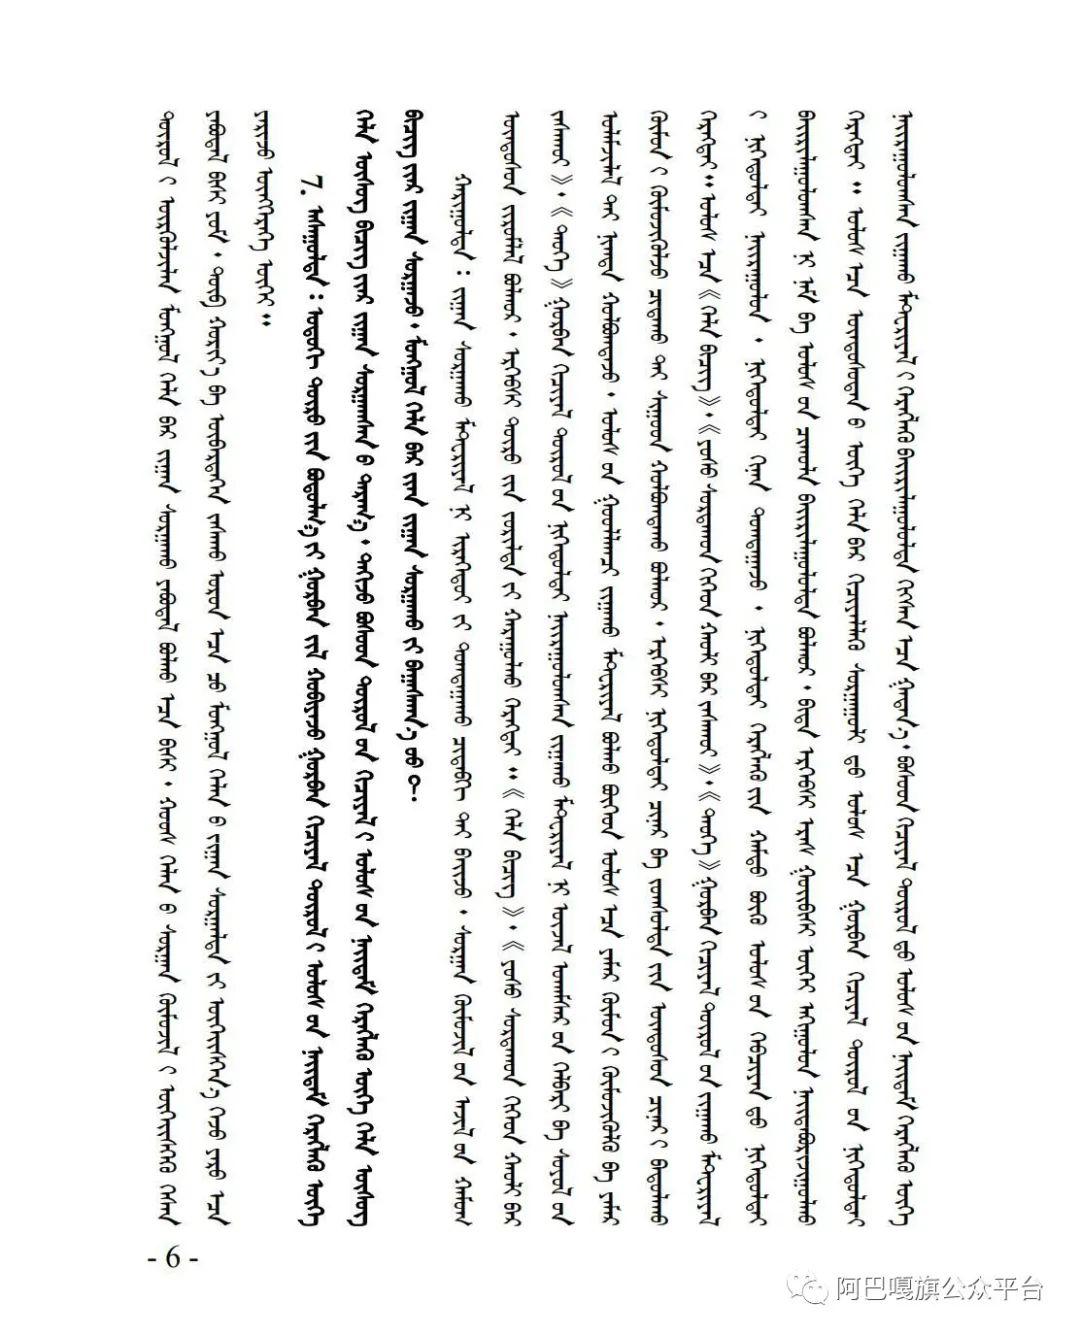 """锡林郭勒盟使用国家统编教材""""有问必答""""(第一期)(蒙汉文) 第6张 锡林郭勒盟使用国家统编教材""""有问必答""""(第一期)(蒙汉文) 蒙古文库"""